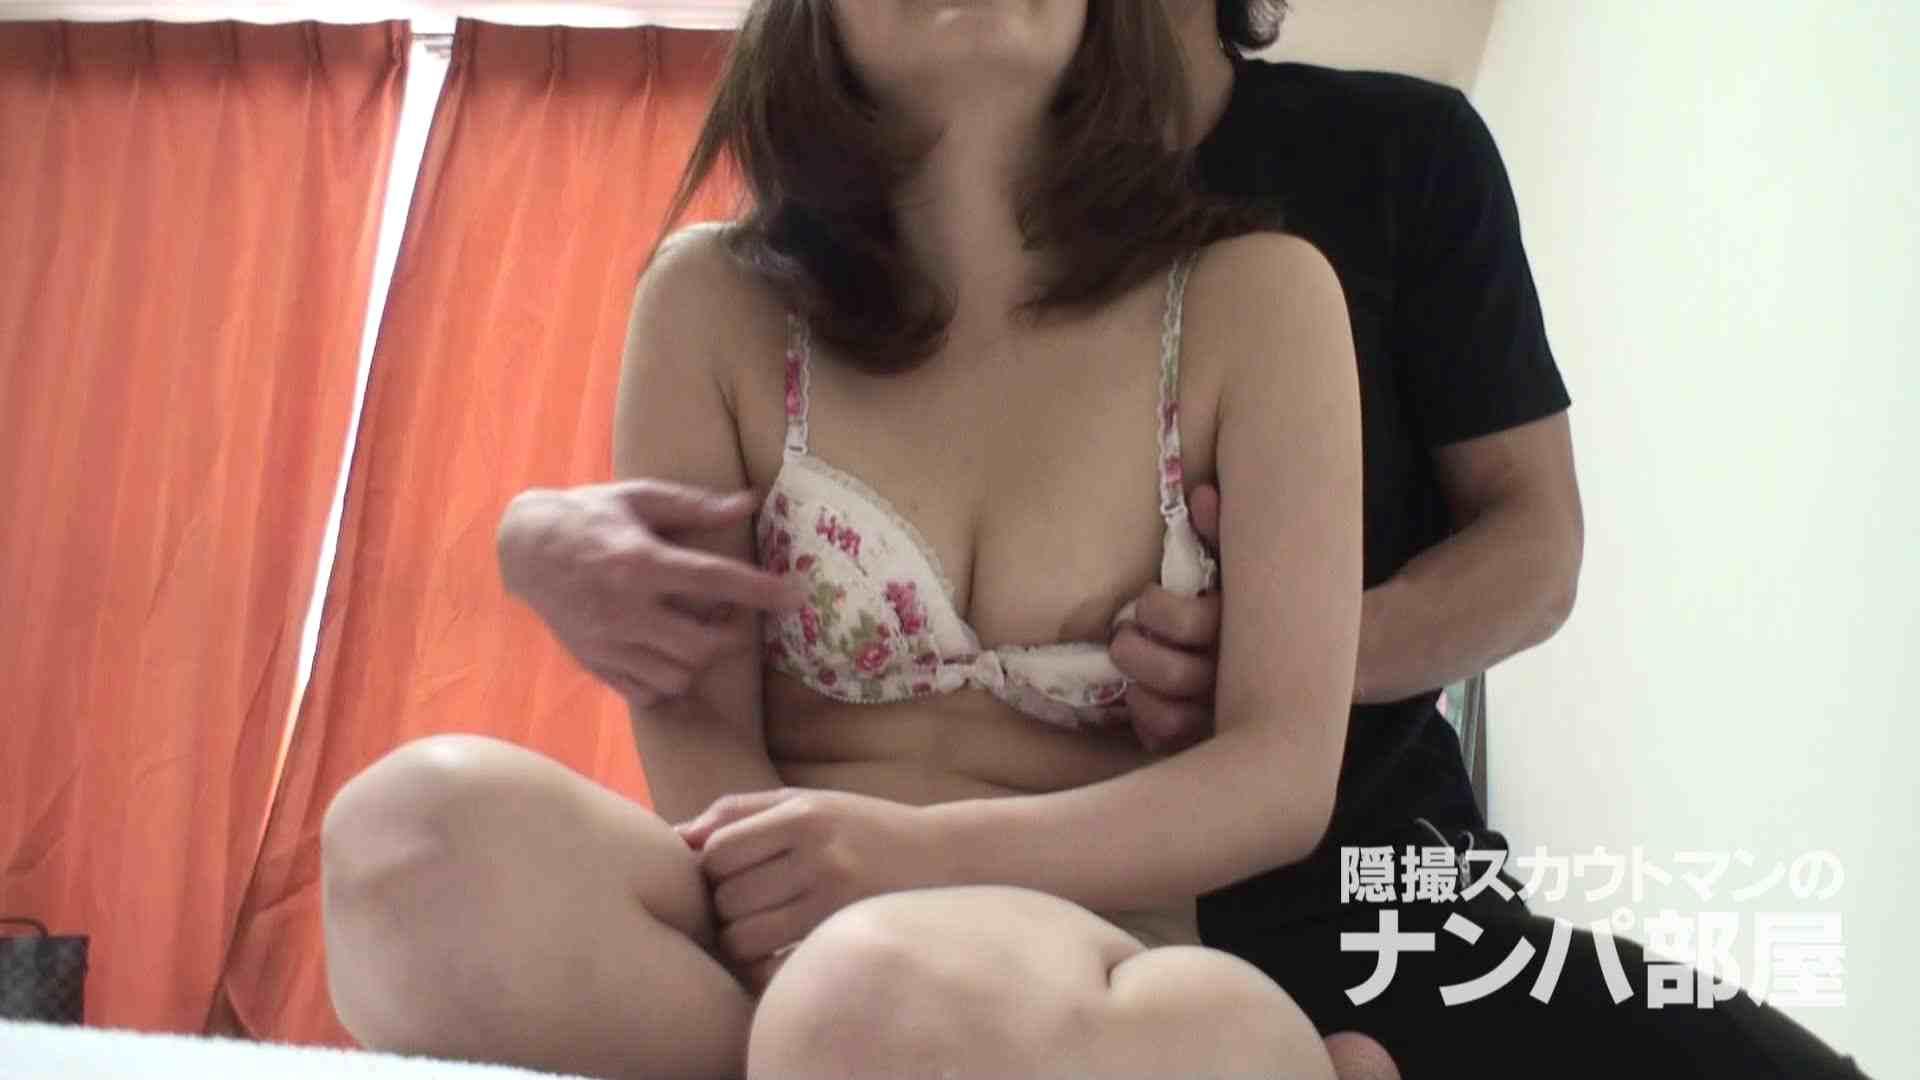 隠撮スカウトマンのナンパ部屋~風俗デビュー前のつまみ食い~ siivol.2 OLのエッチ | 脱衣所  83pic 53